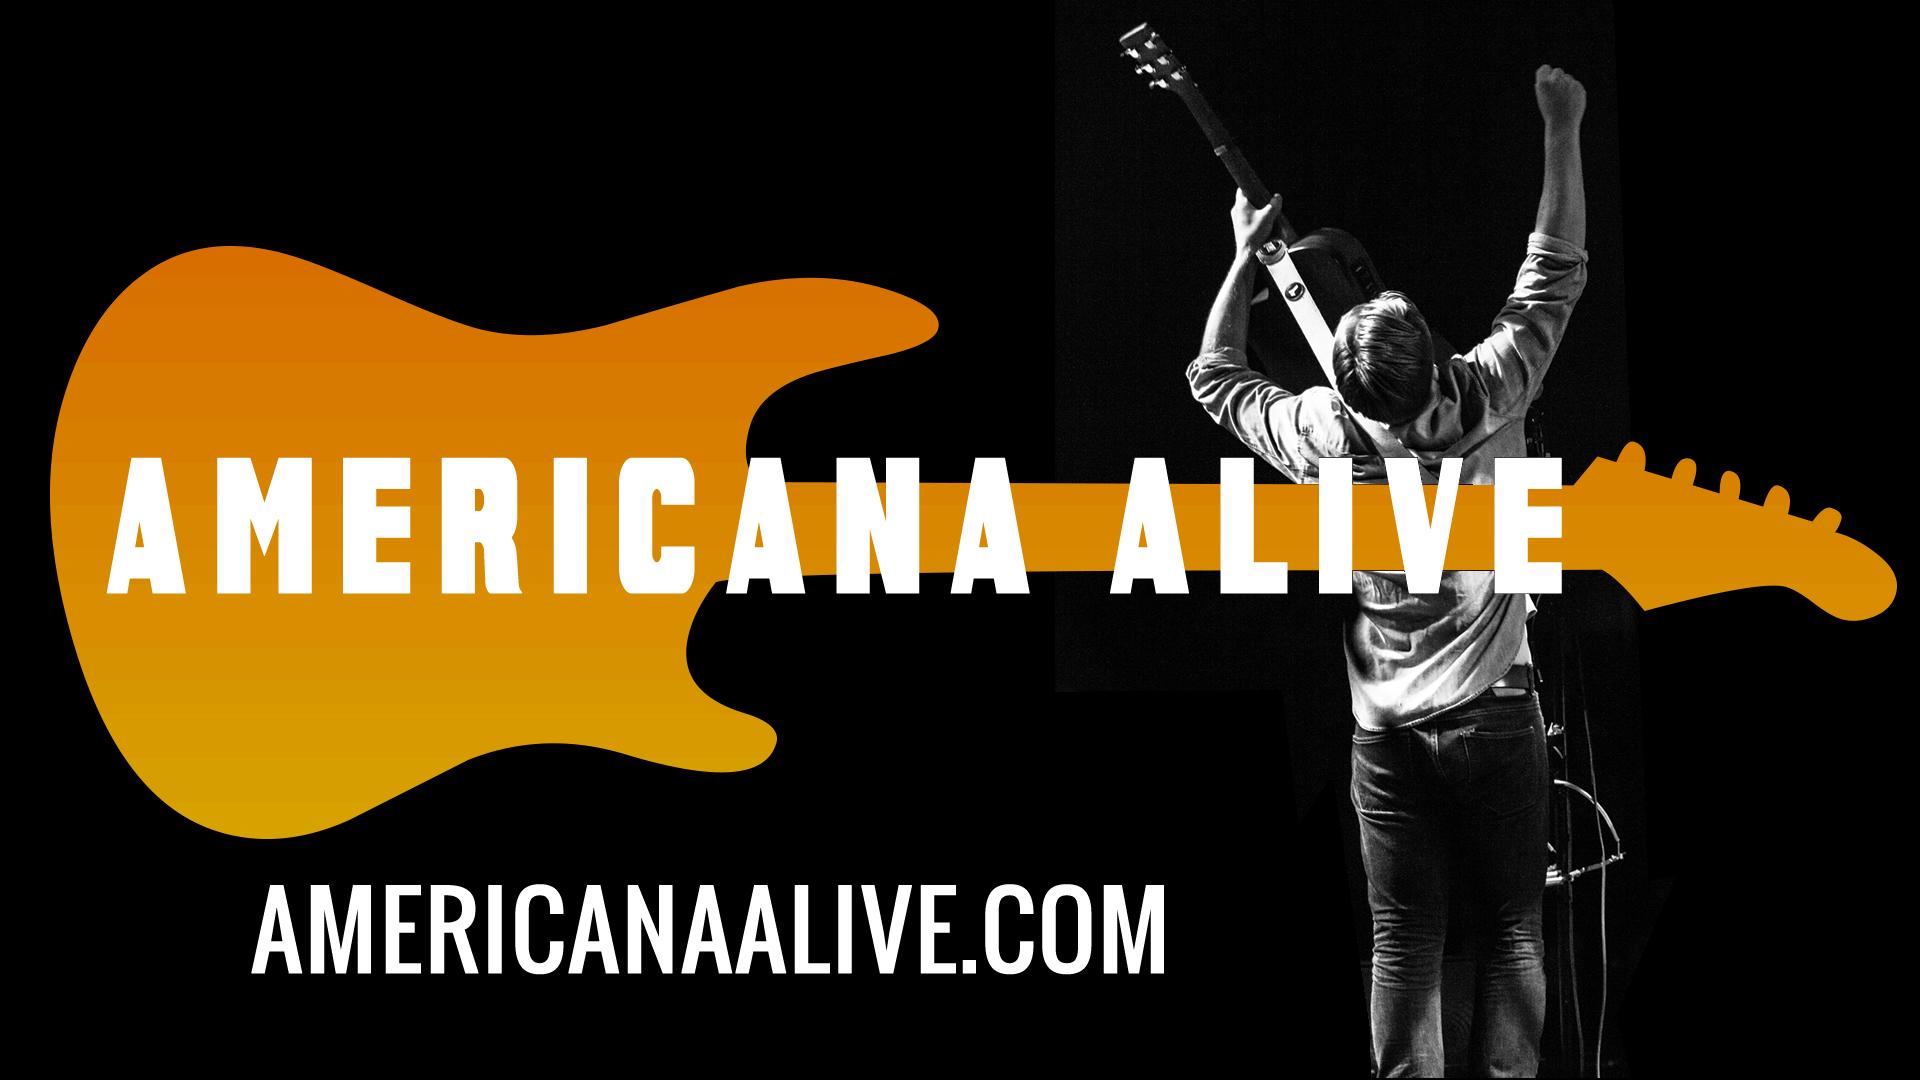 AMERICANA ALIVE